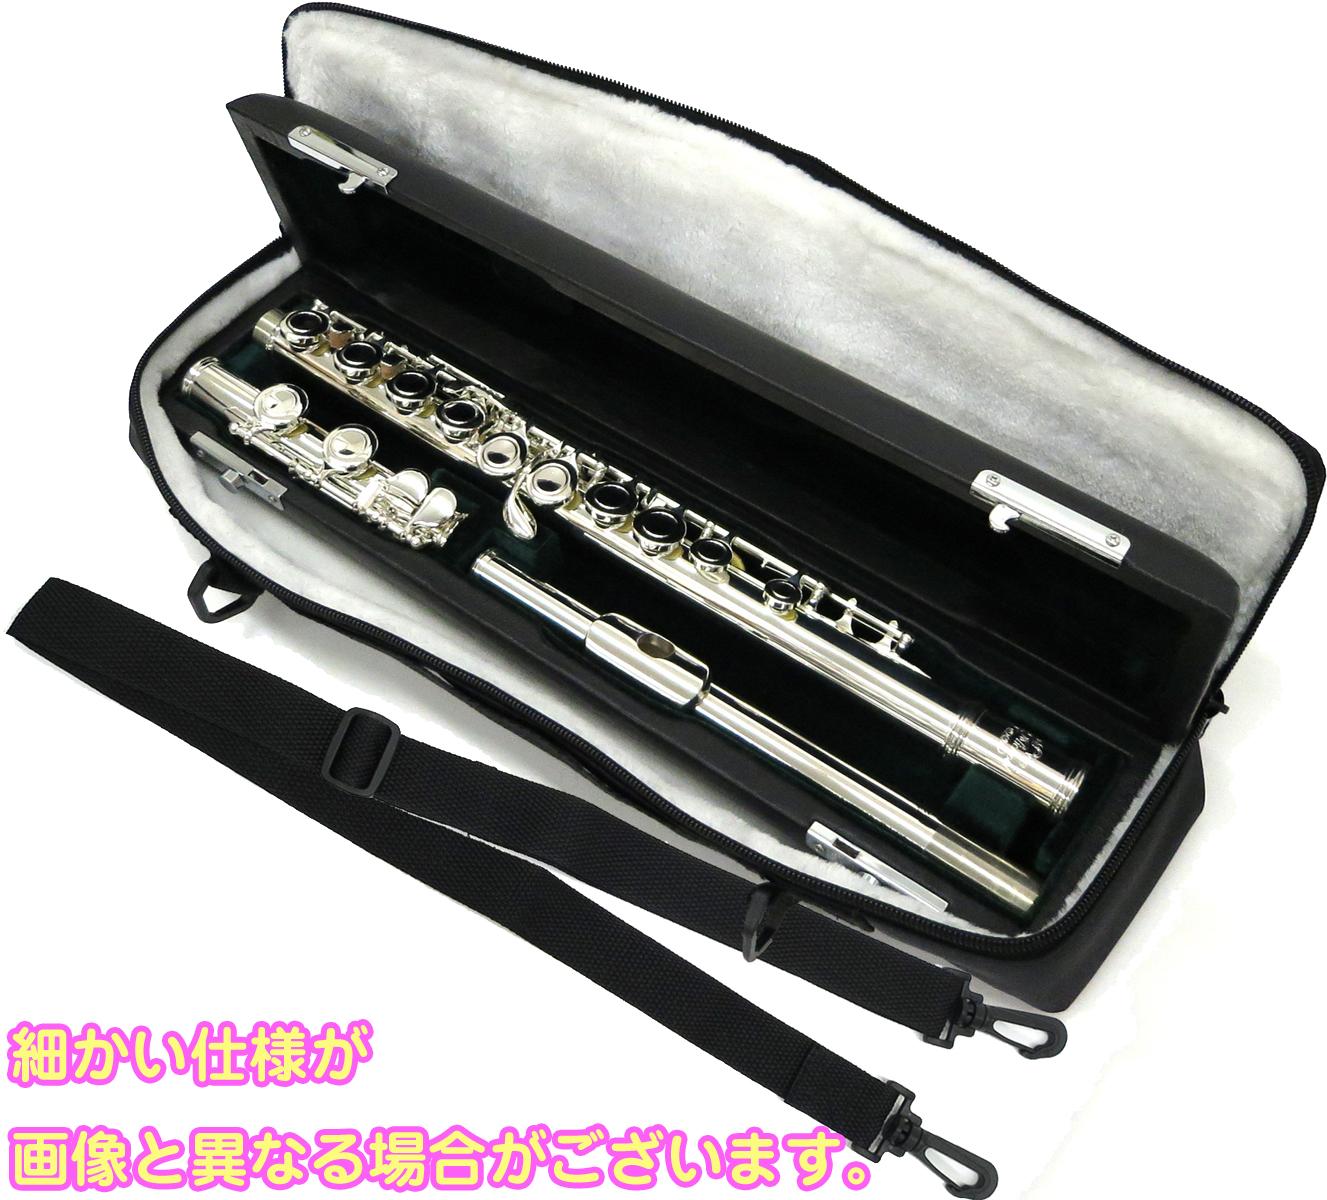 Michael FL380SE オフセット flute アウトレット 新品 FL-380SE 初心者 Eメカニズム付き カバードキイ 銀メッキ 送料無料 本体 C管 フルート ) Jマイケル ( J 管楽器